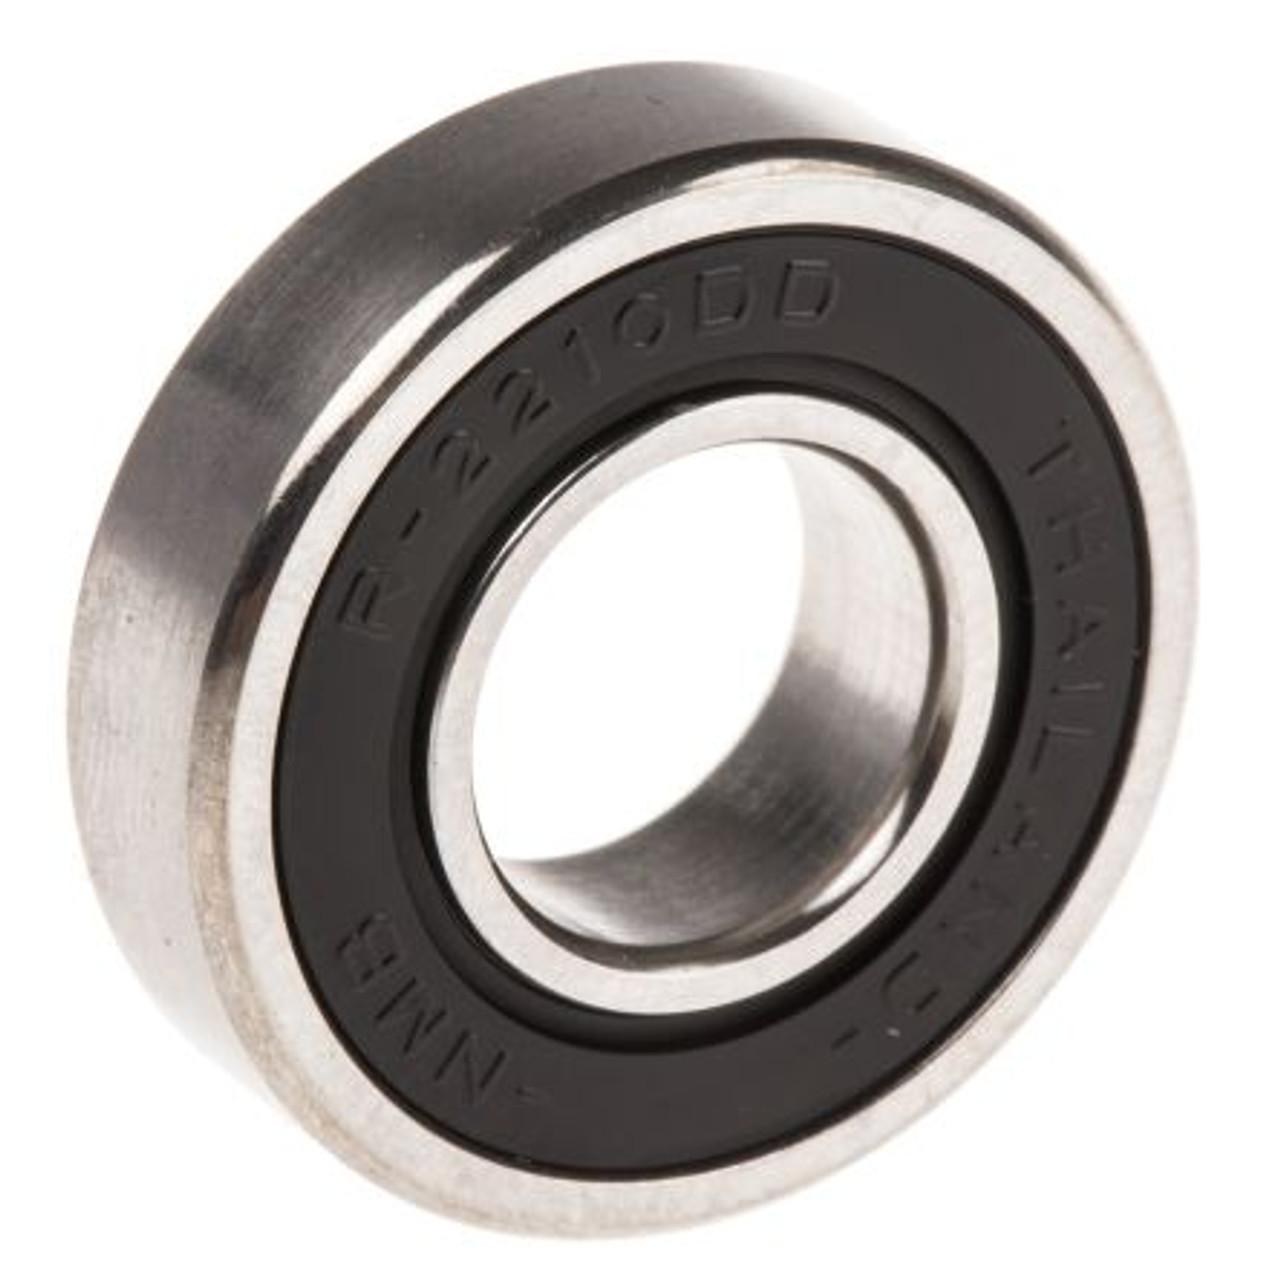 10 Bearing 6000ZZ 10mm Outer Diameter 26mm Metric Ball